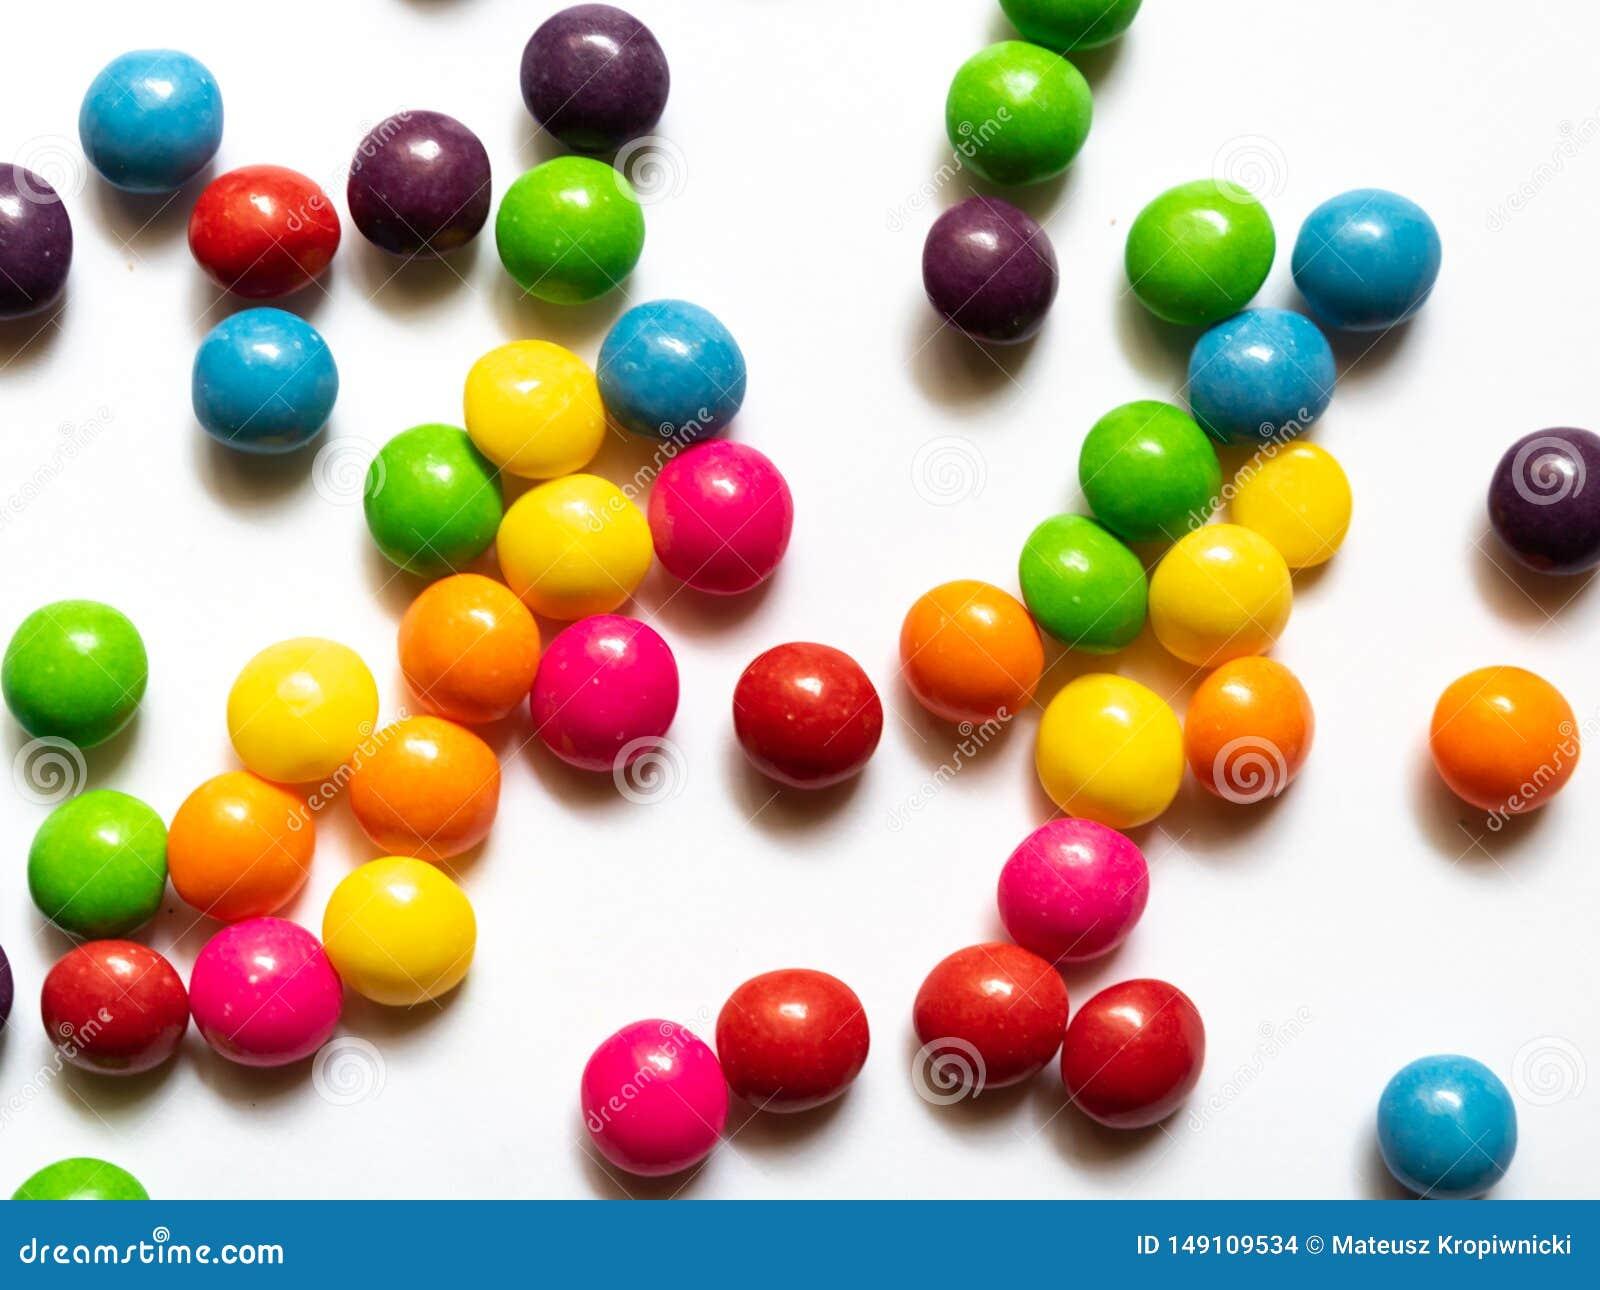 Draufsicht von bunten Süßigkeiten auf weißem Hintergrund